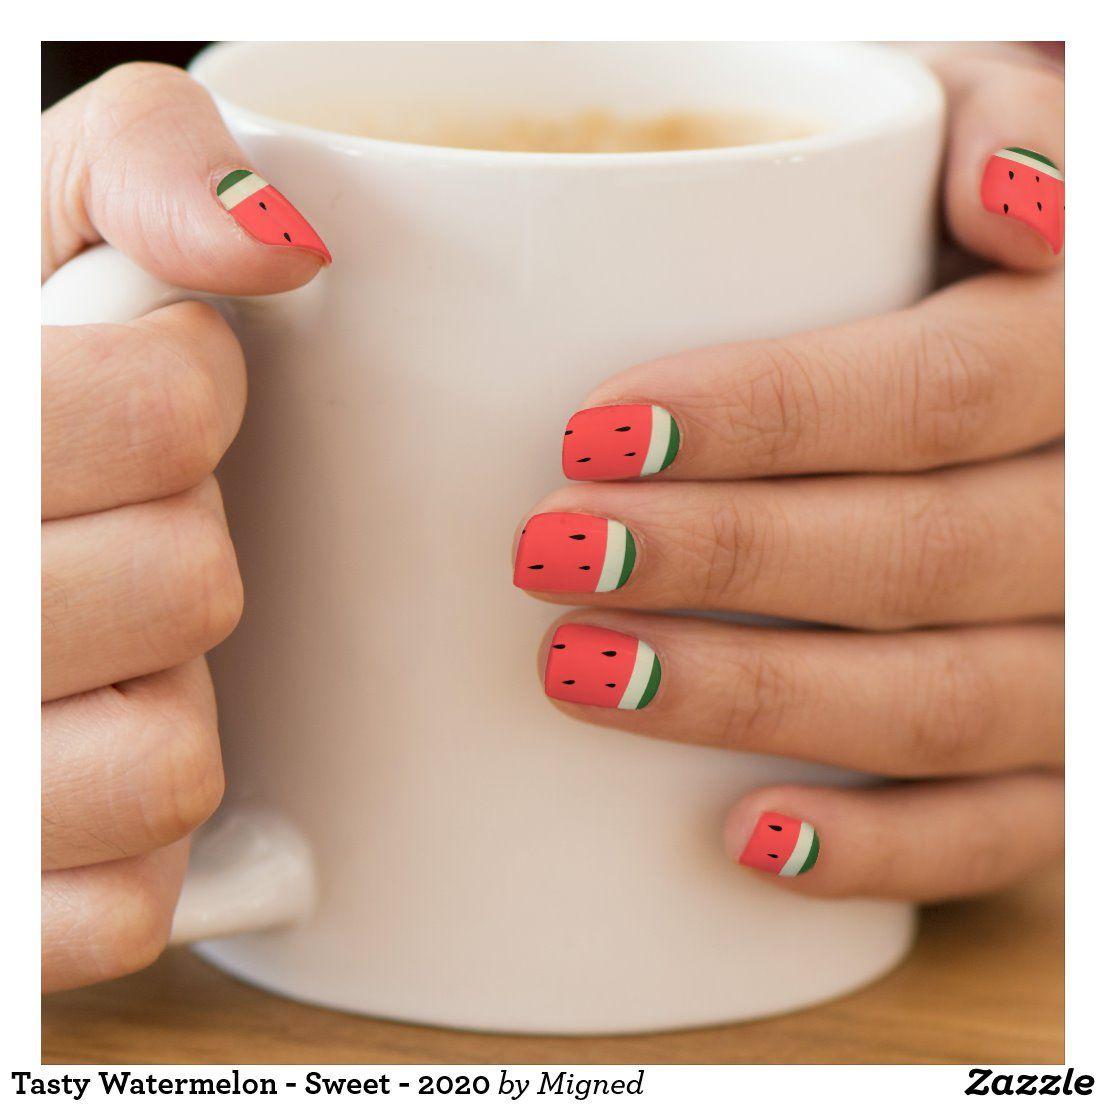 Tasty Watermelon - Sweet - 2020 Minx Nail Art | Zazzle.com